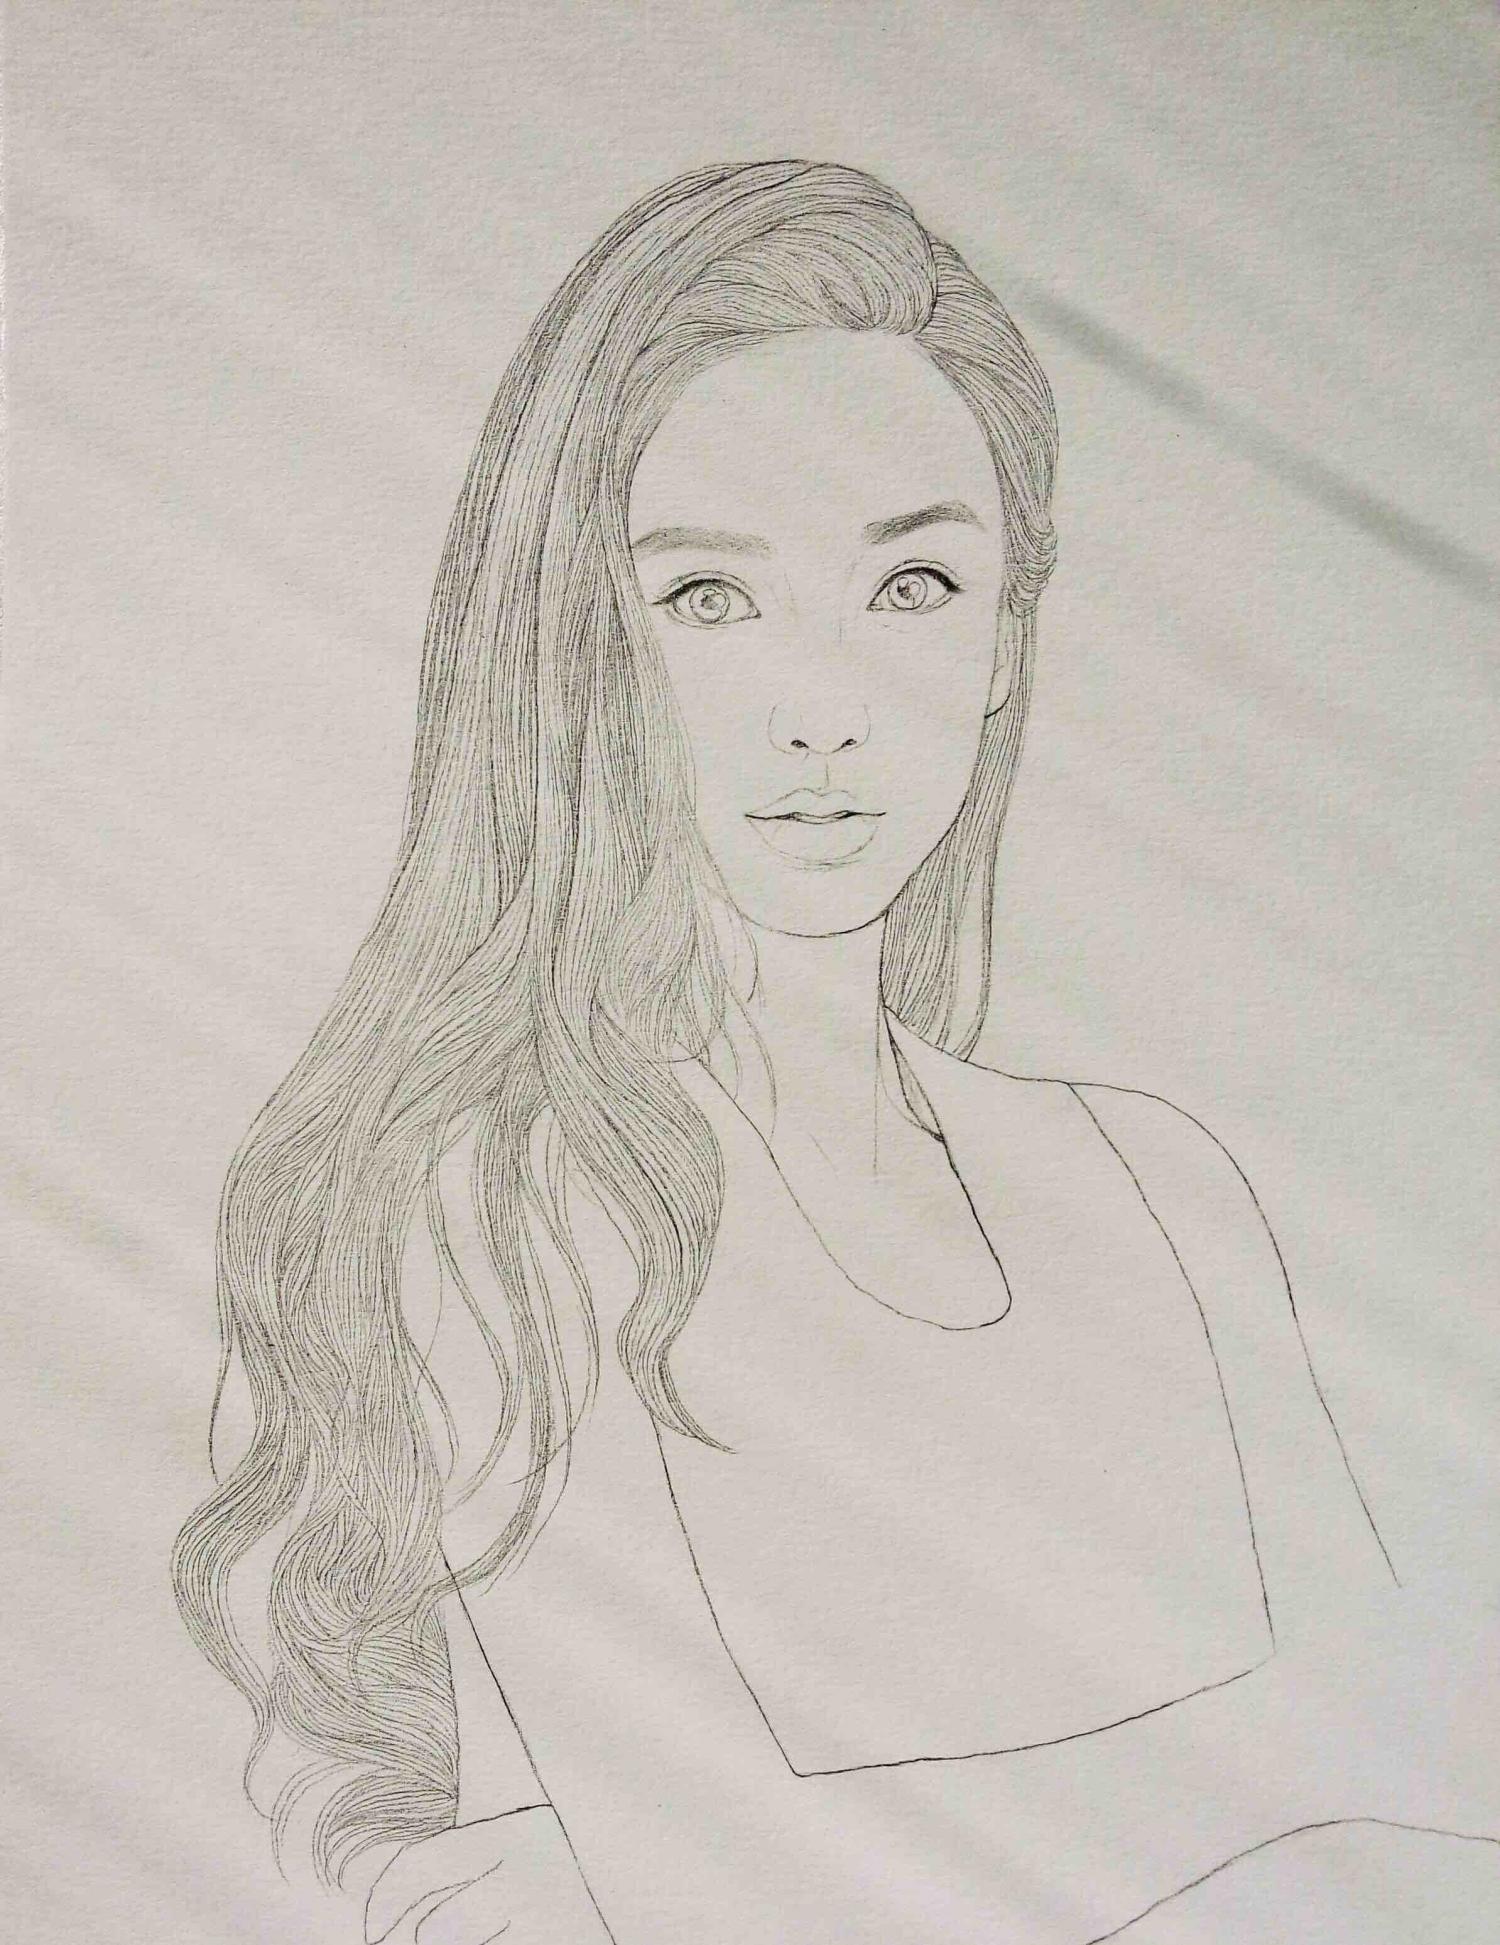 简笔画 手绘 素描 线稿 1500_1945 竖版 竖屏